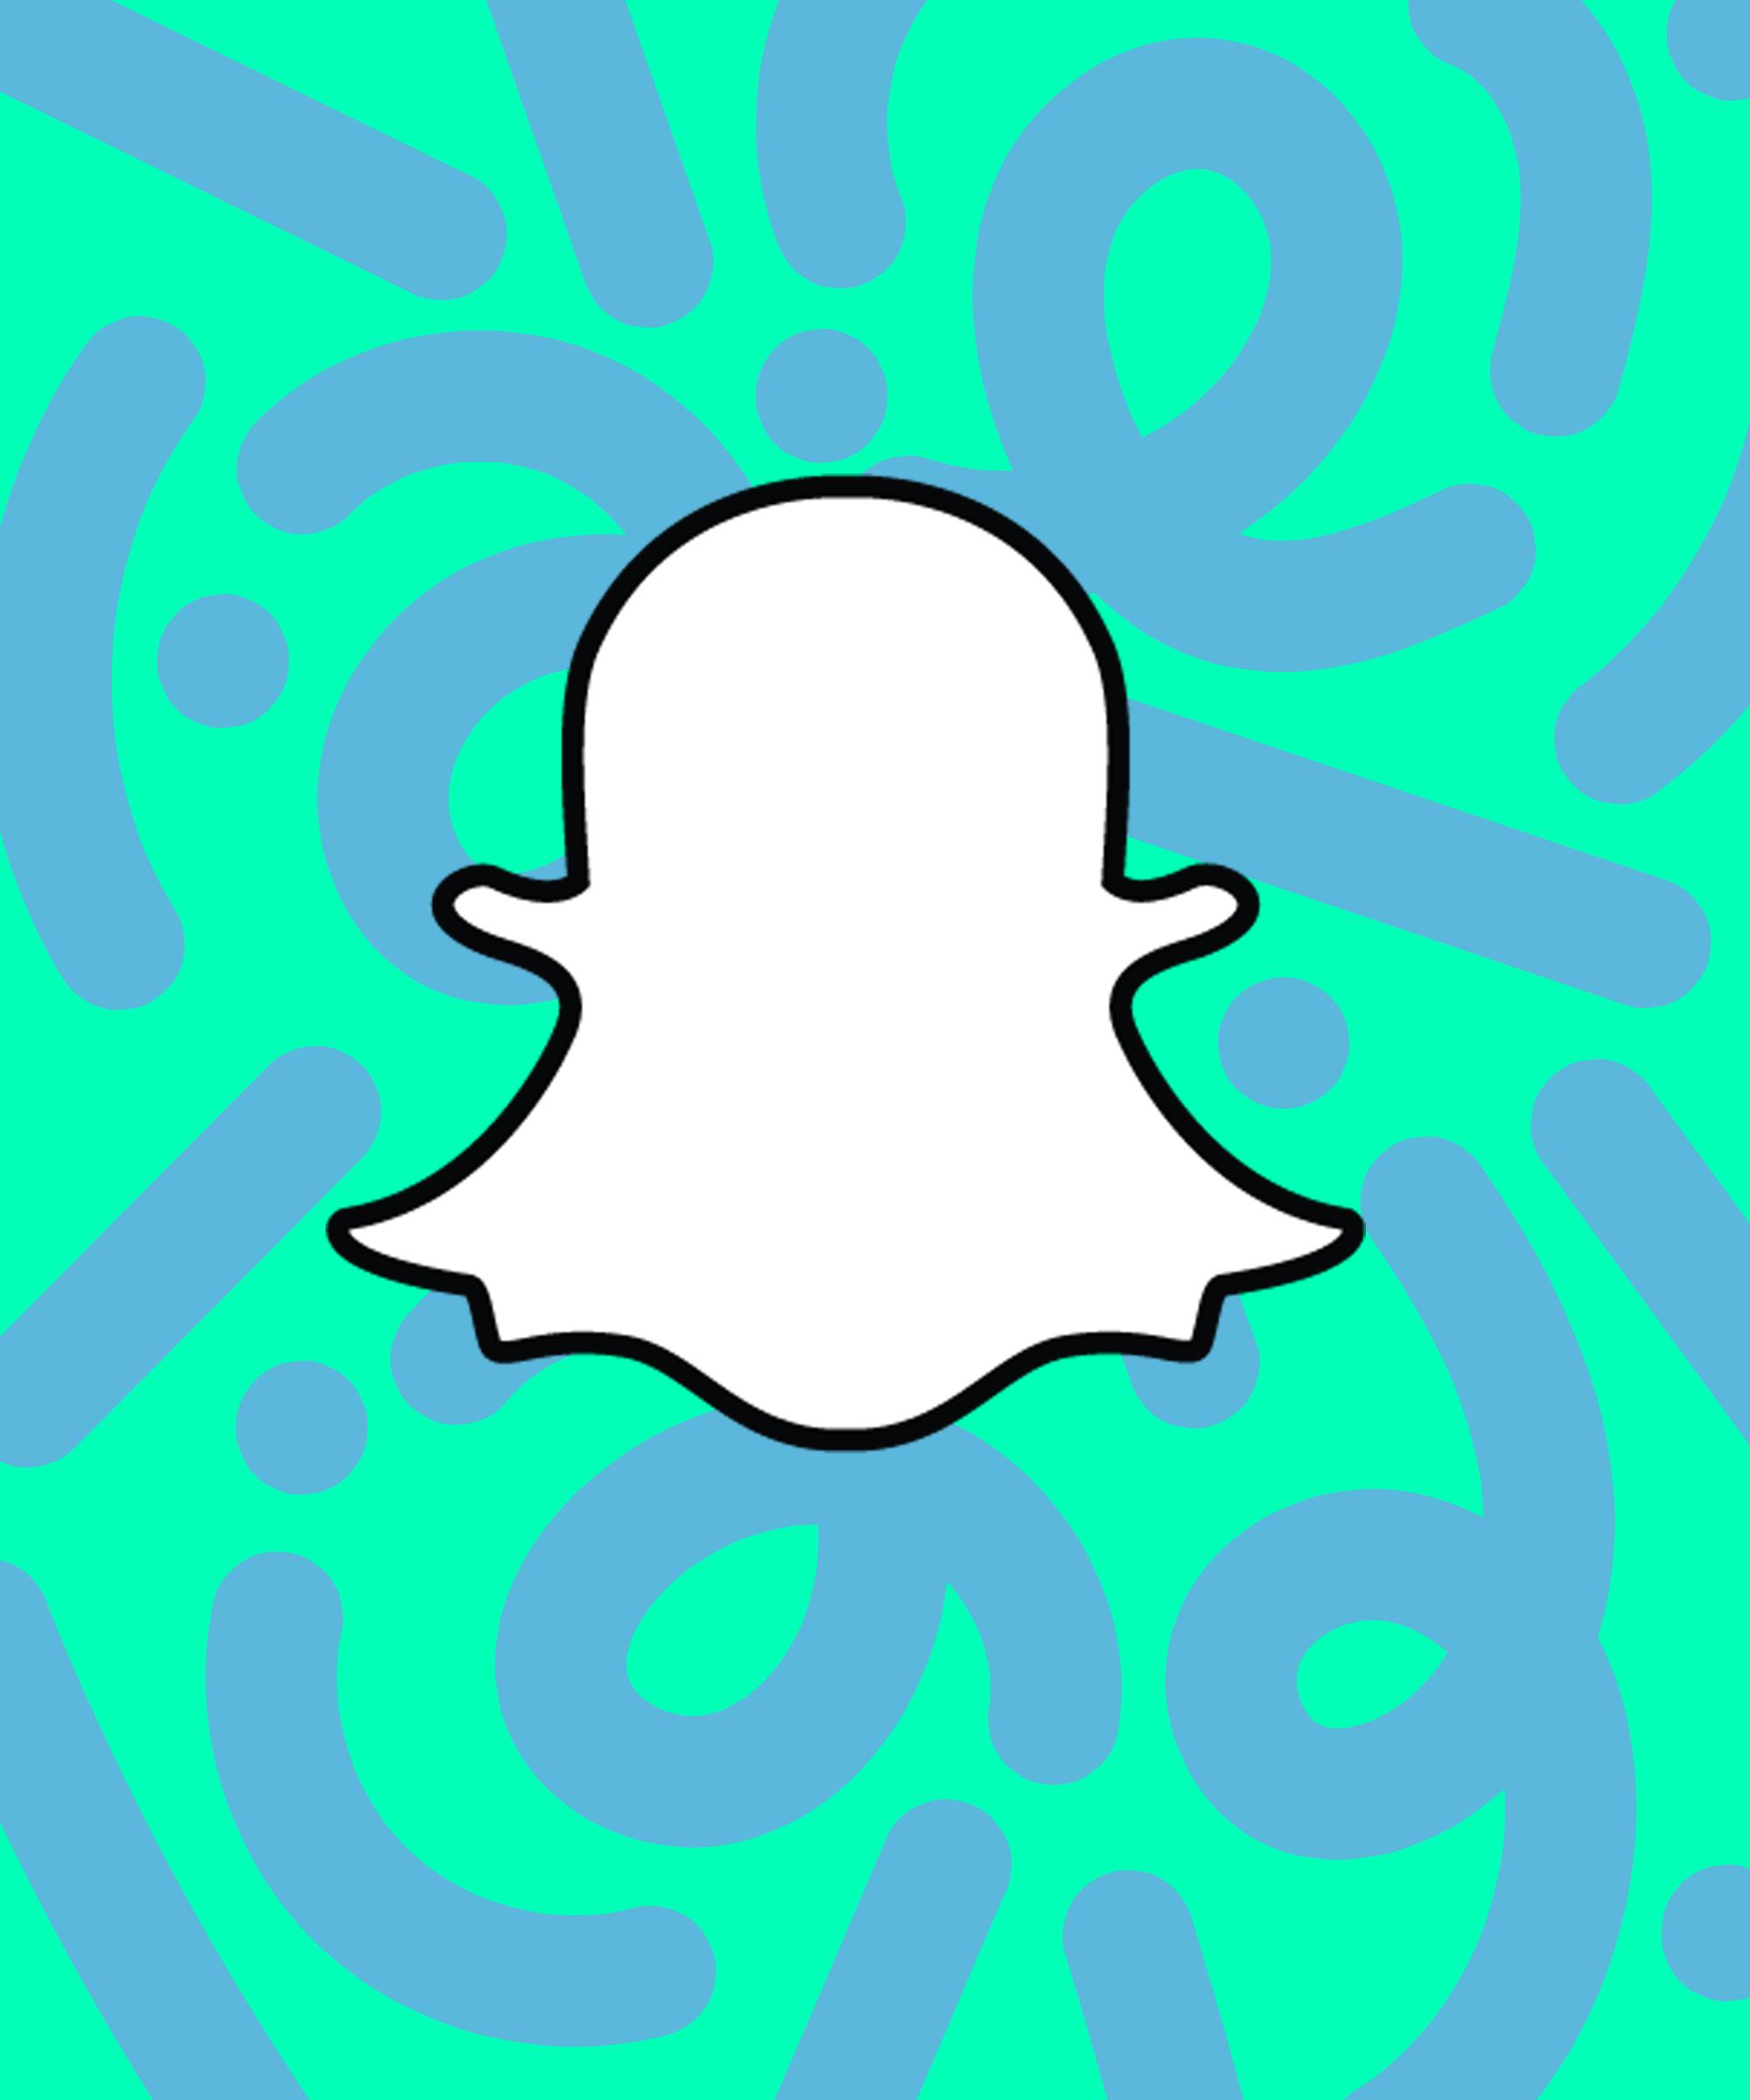 Snow app filters best snapchat filter apps camera izmirmasajfo